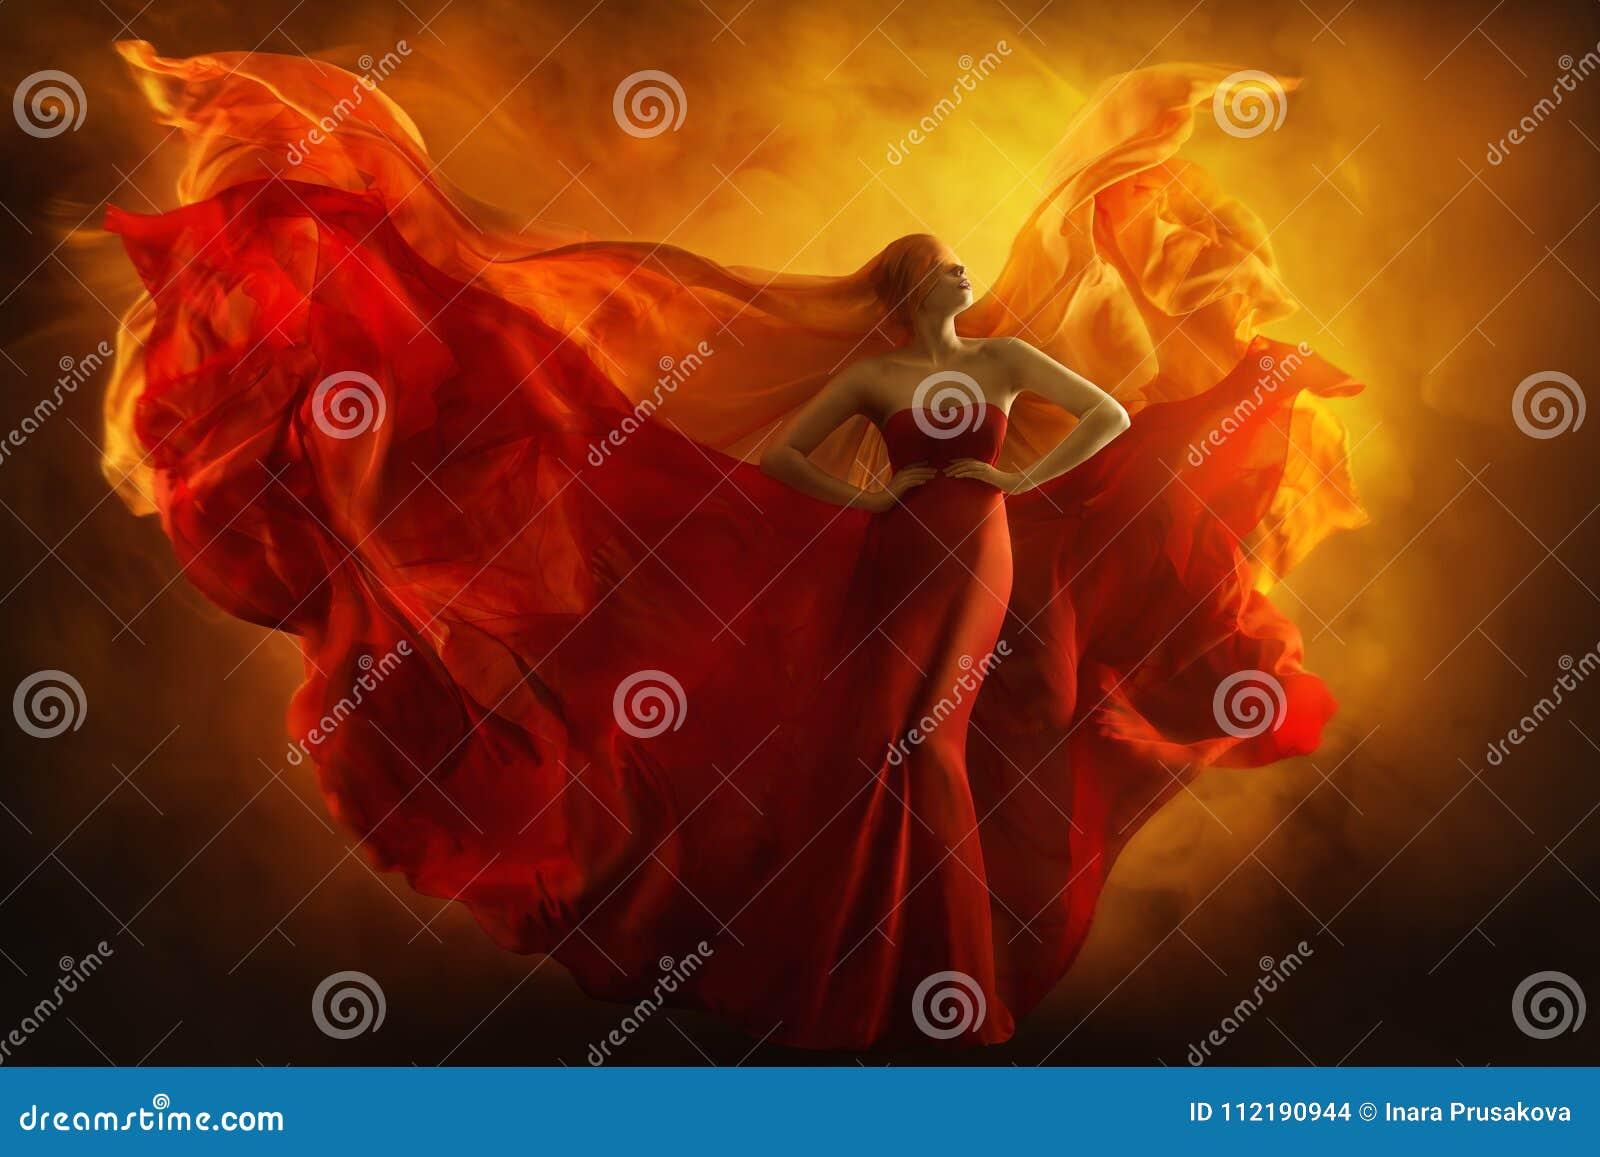 Платье огня фантазии искусства фотомодели, ослепленная женщина мечтает